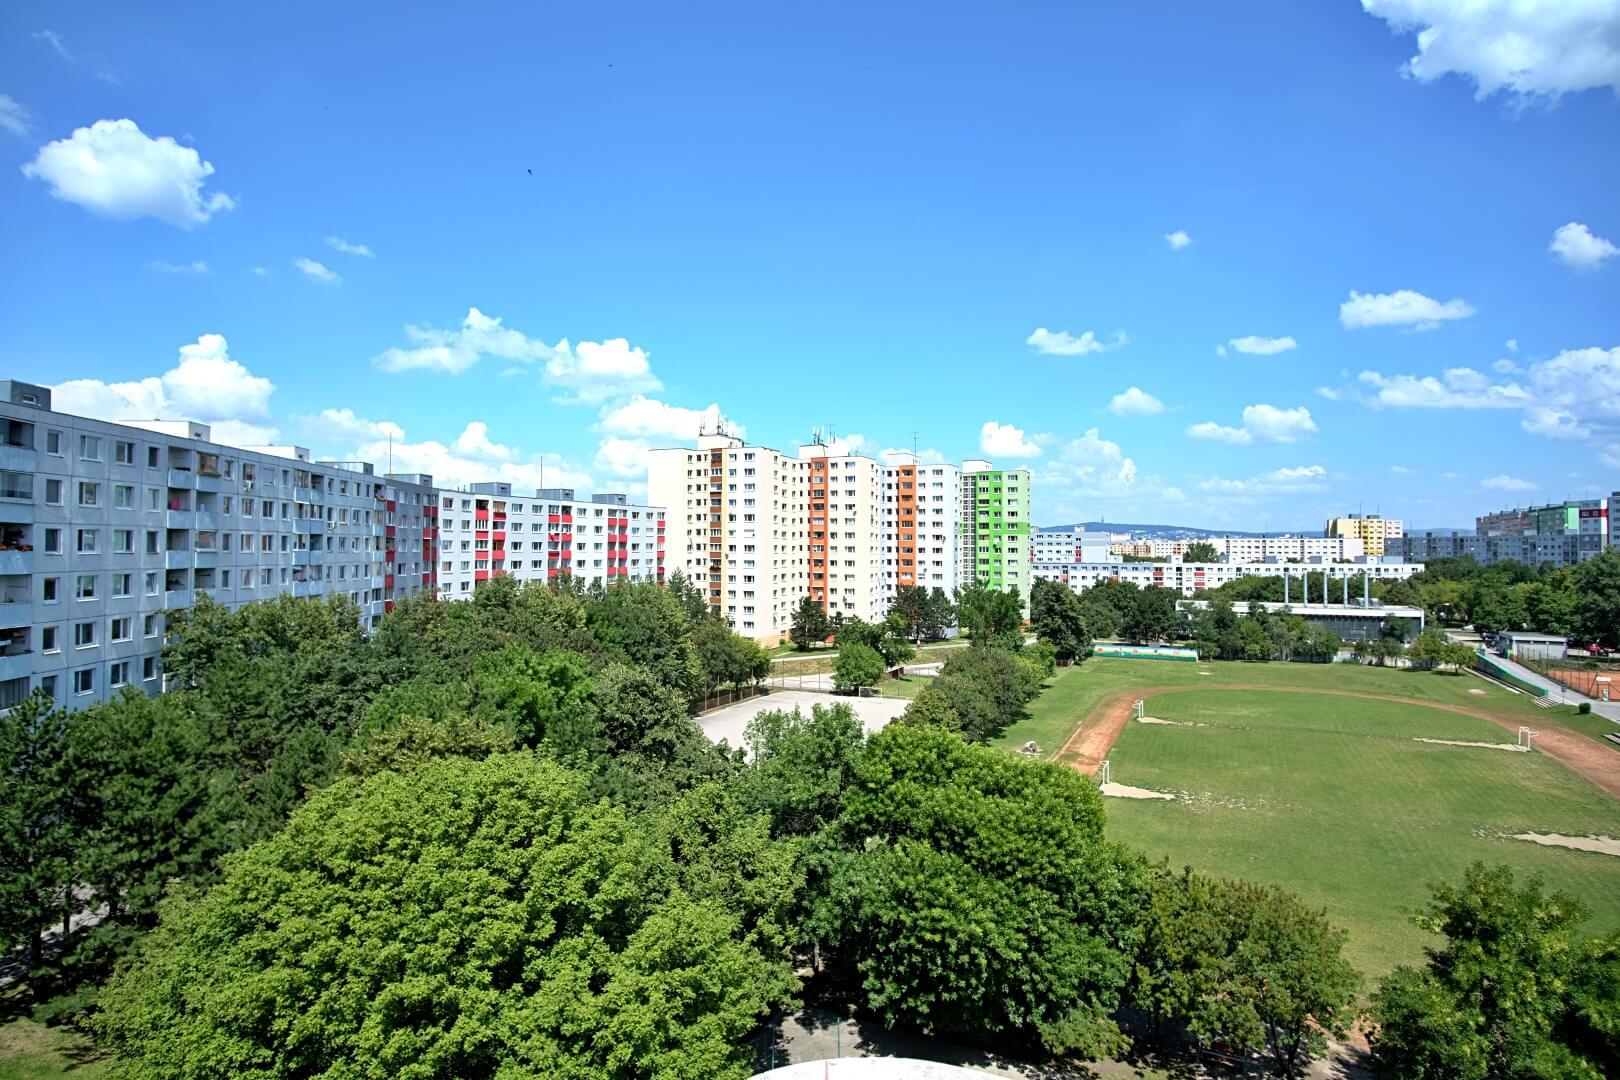 PREDANÉ – Na predaj príjemný 4 izbový byt v lokalite plnej zelene na Vyšehradskej ulici Bratislava- Petržalka.-4